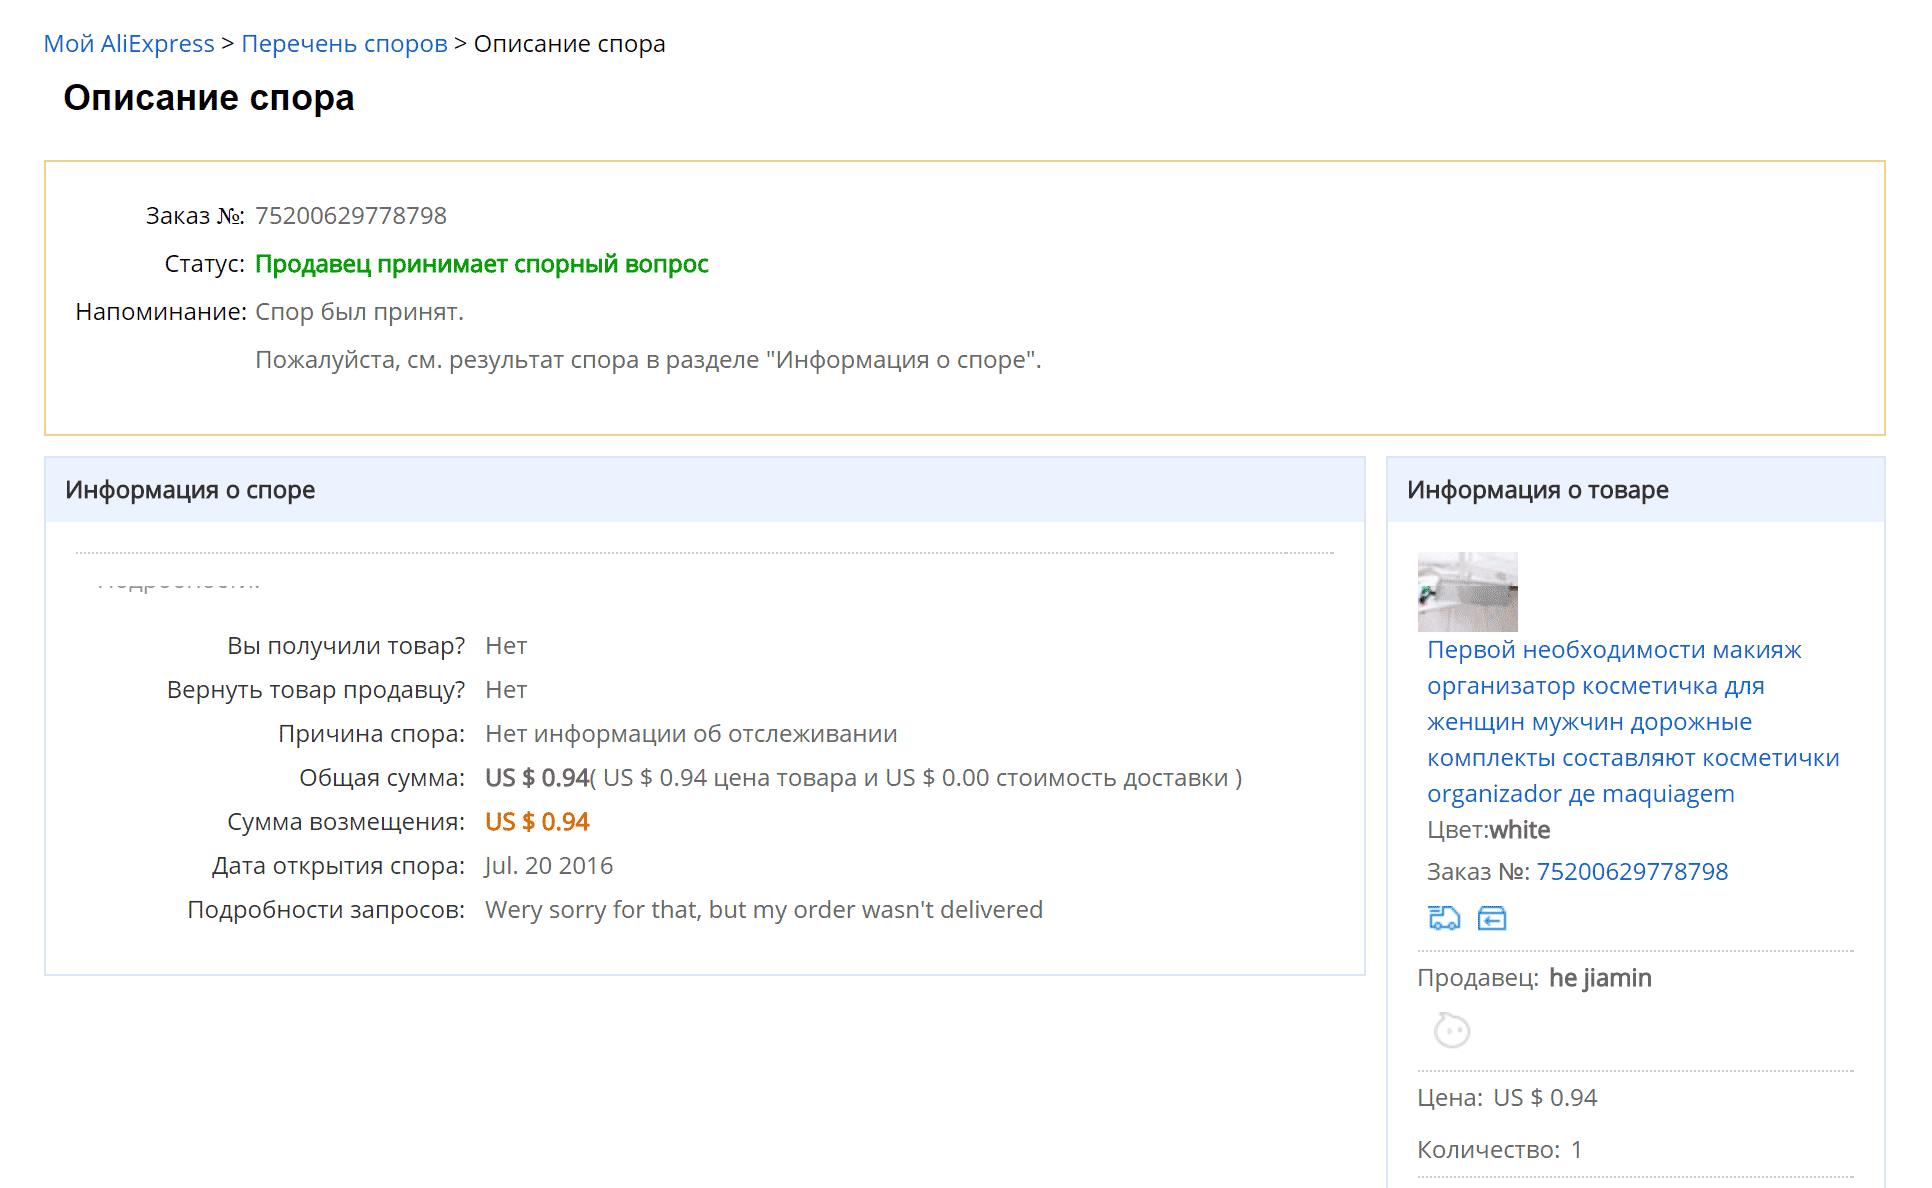 Спор можно открыть и в случае, если полученный товар не соответствует фотографиям на сайте